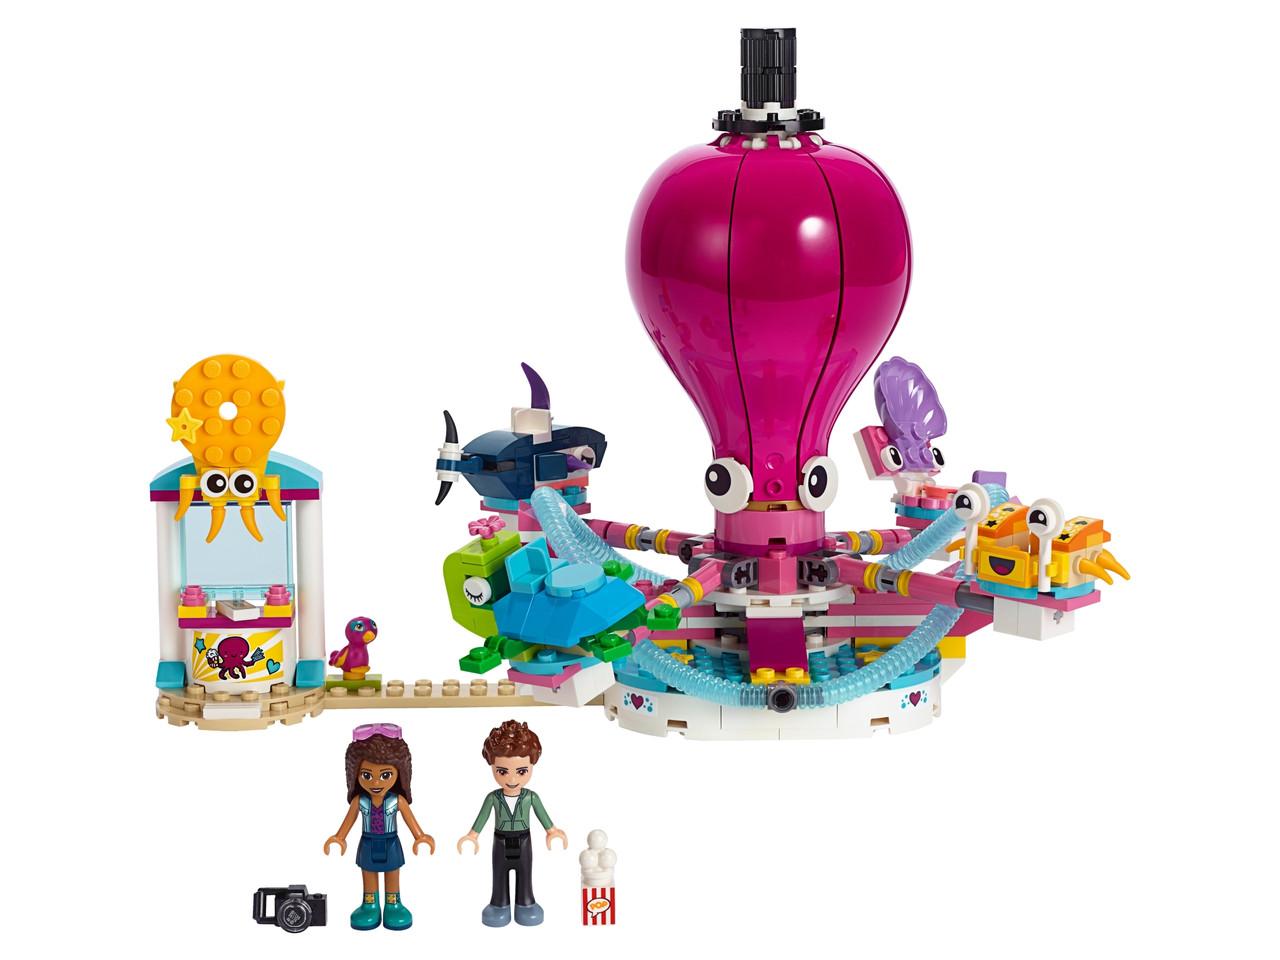 Конструктор LEGO Аттракцион «Весёлый осьминог» 324 деталей (41373)